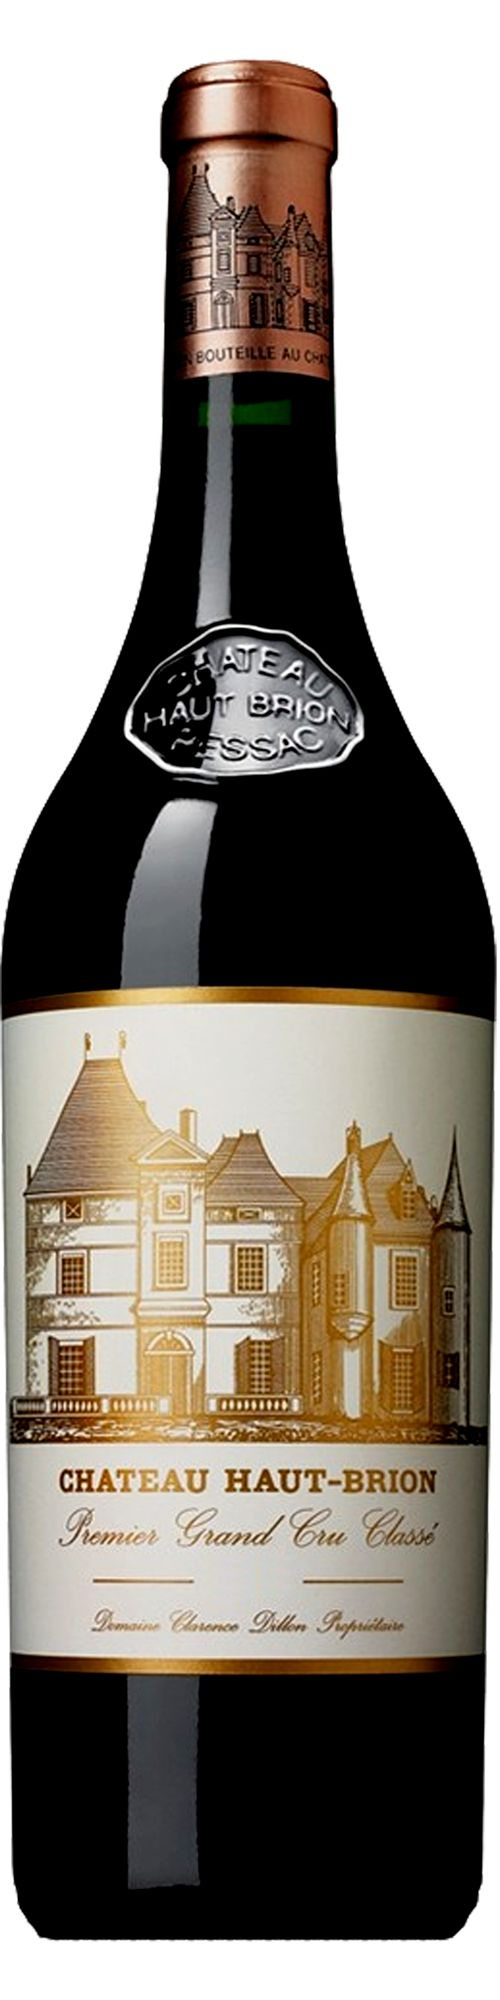 Château Haut Brion 1995, 1er Cru Graves, Château Haut Brion | Buy now at Armit Wines Online Wine Shop